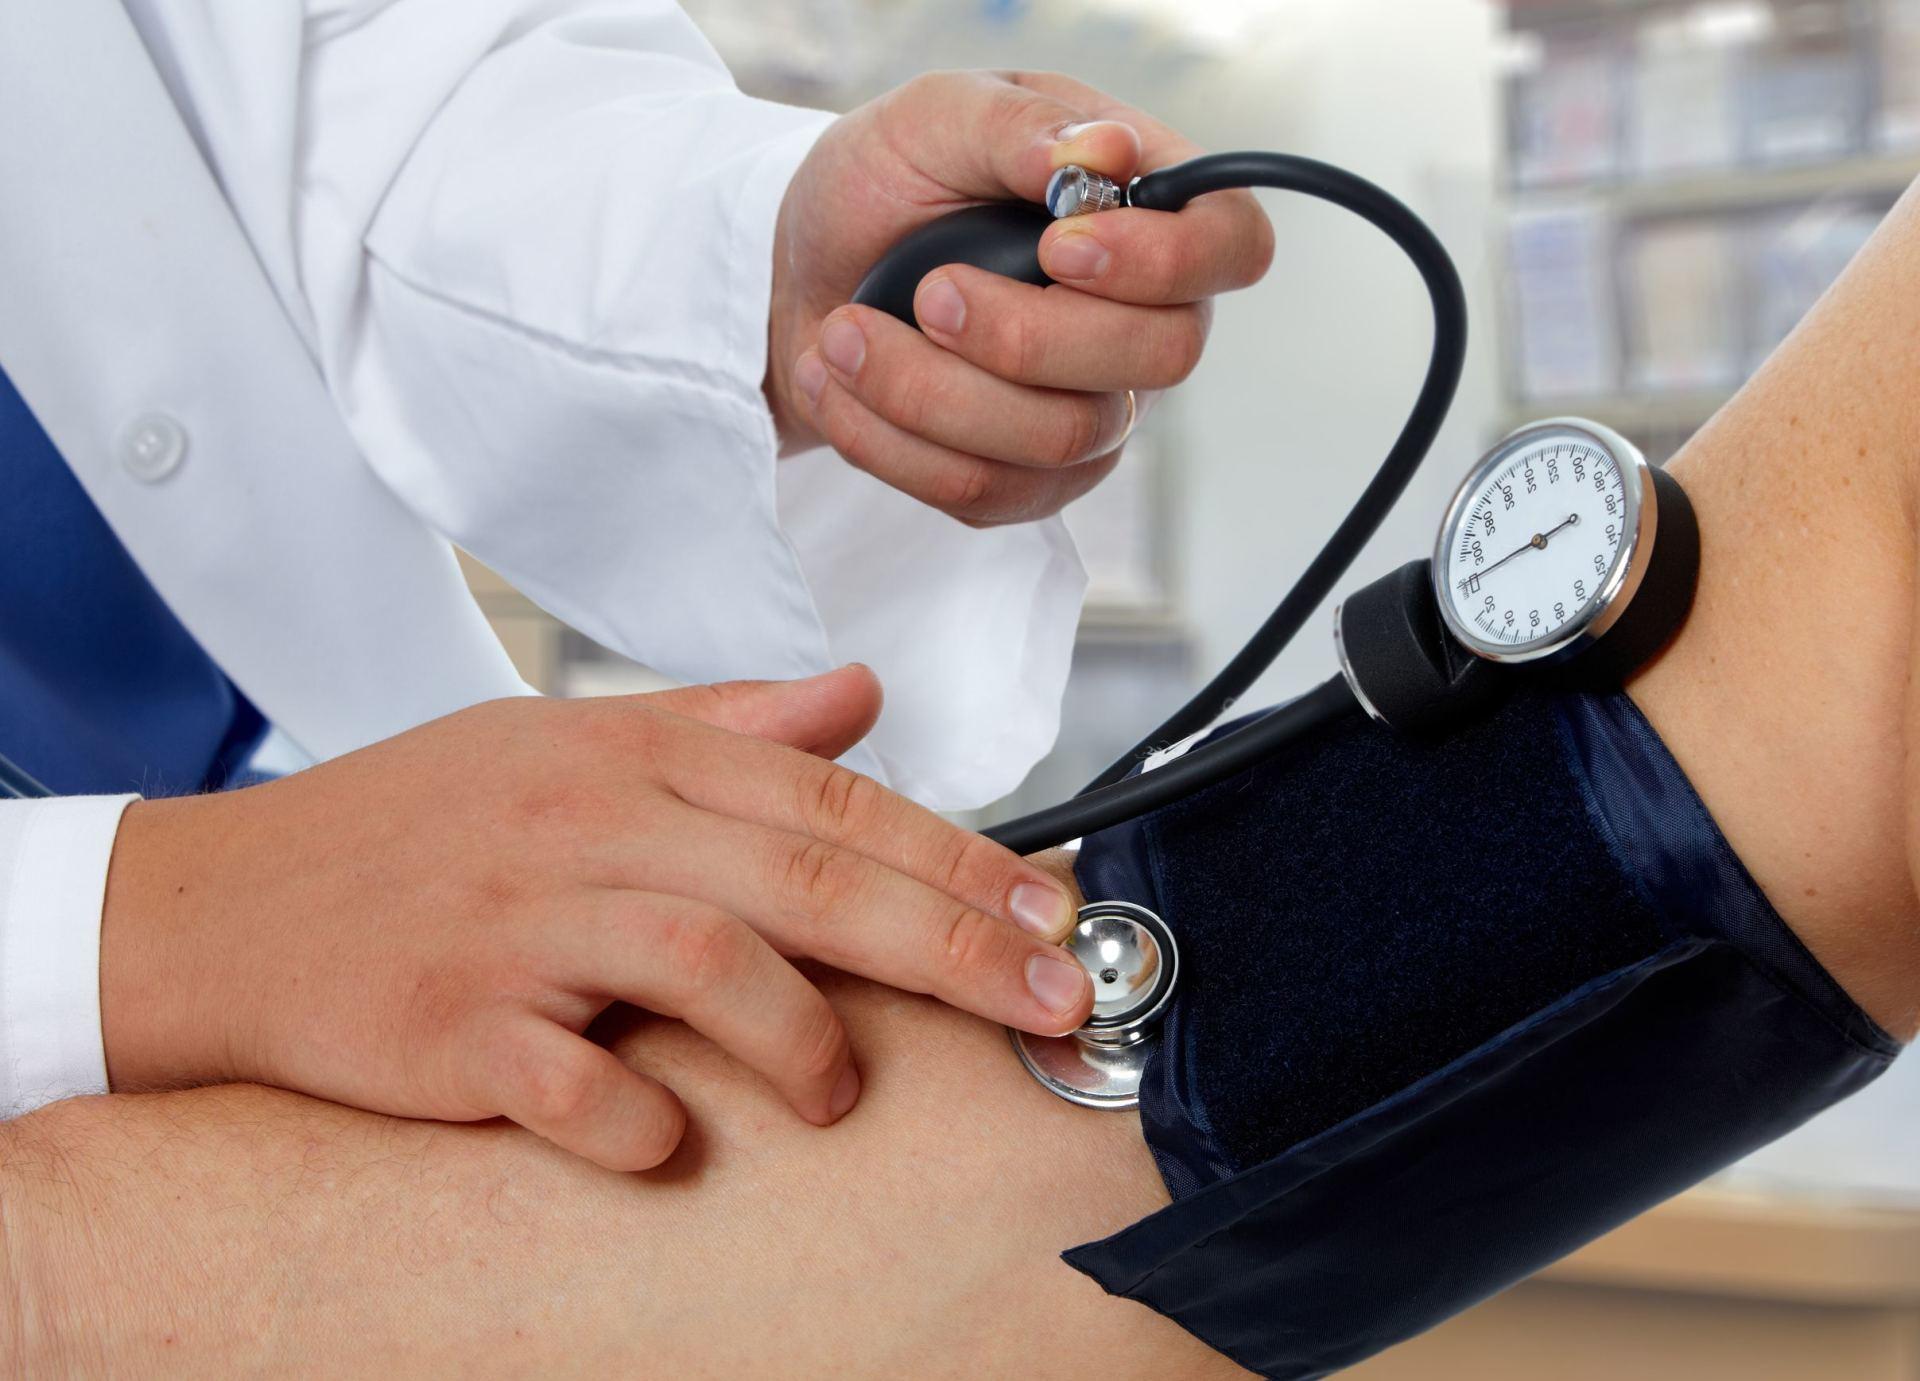 hipertenzija ir kraujo nuleidimas